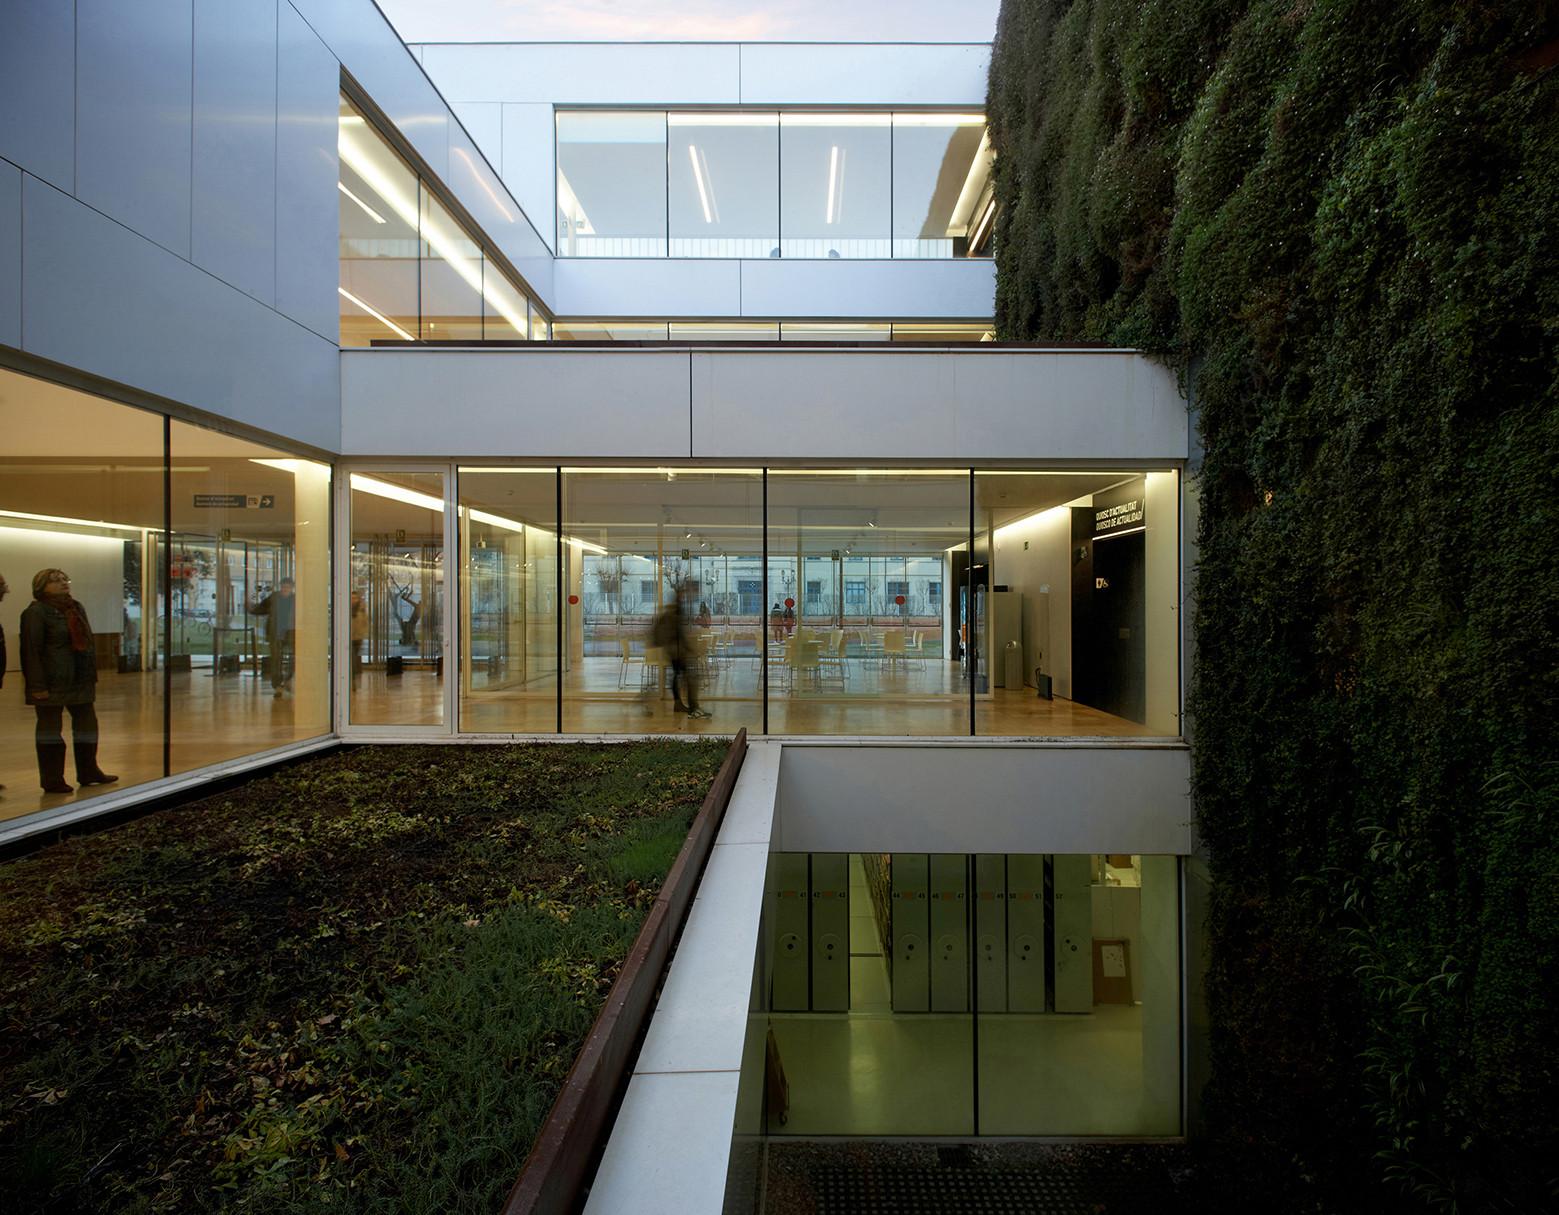 Girona public library corea moran arquitectura archdaily - Arquitectura girona ...